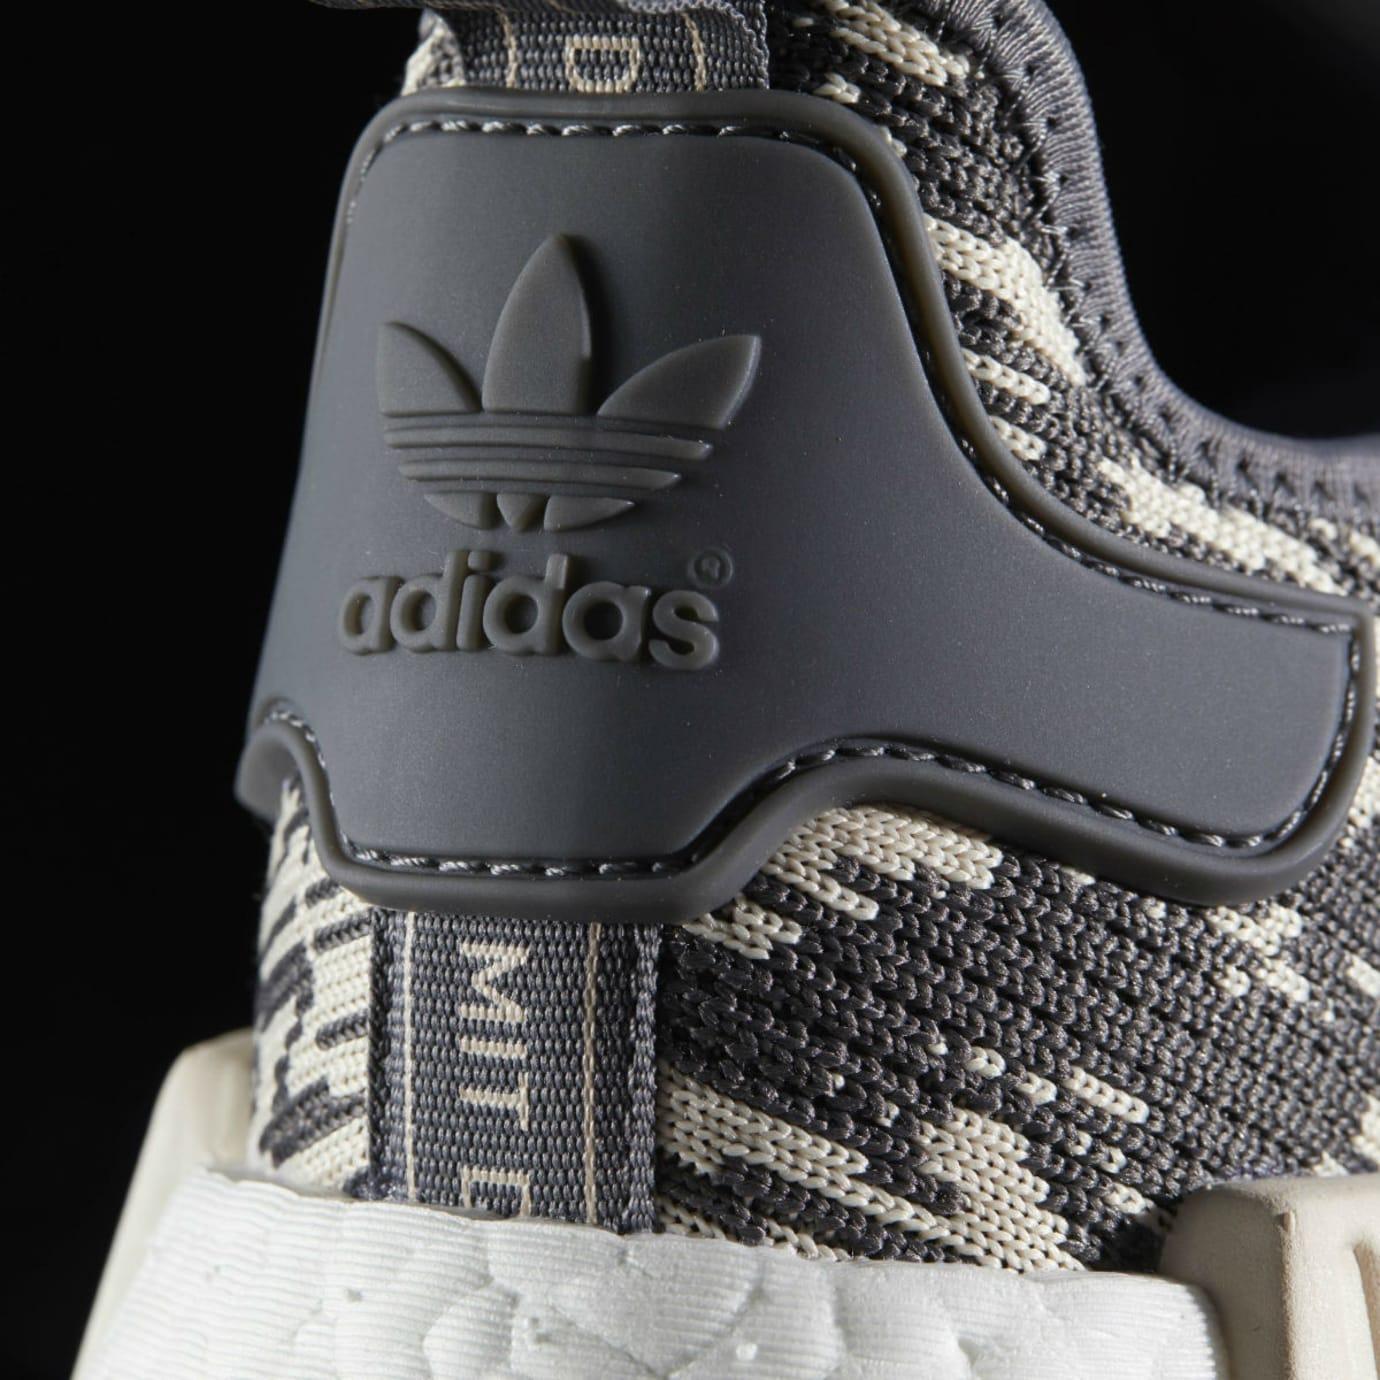 Adidas NMD Grey Linen Camo Release Date Heel